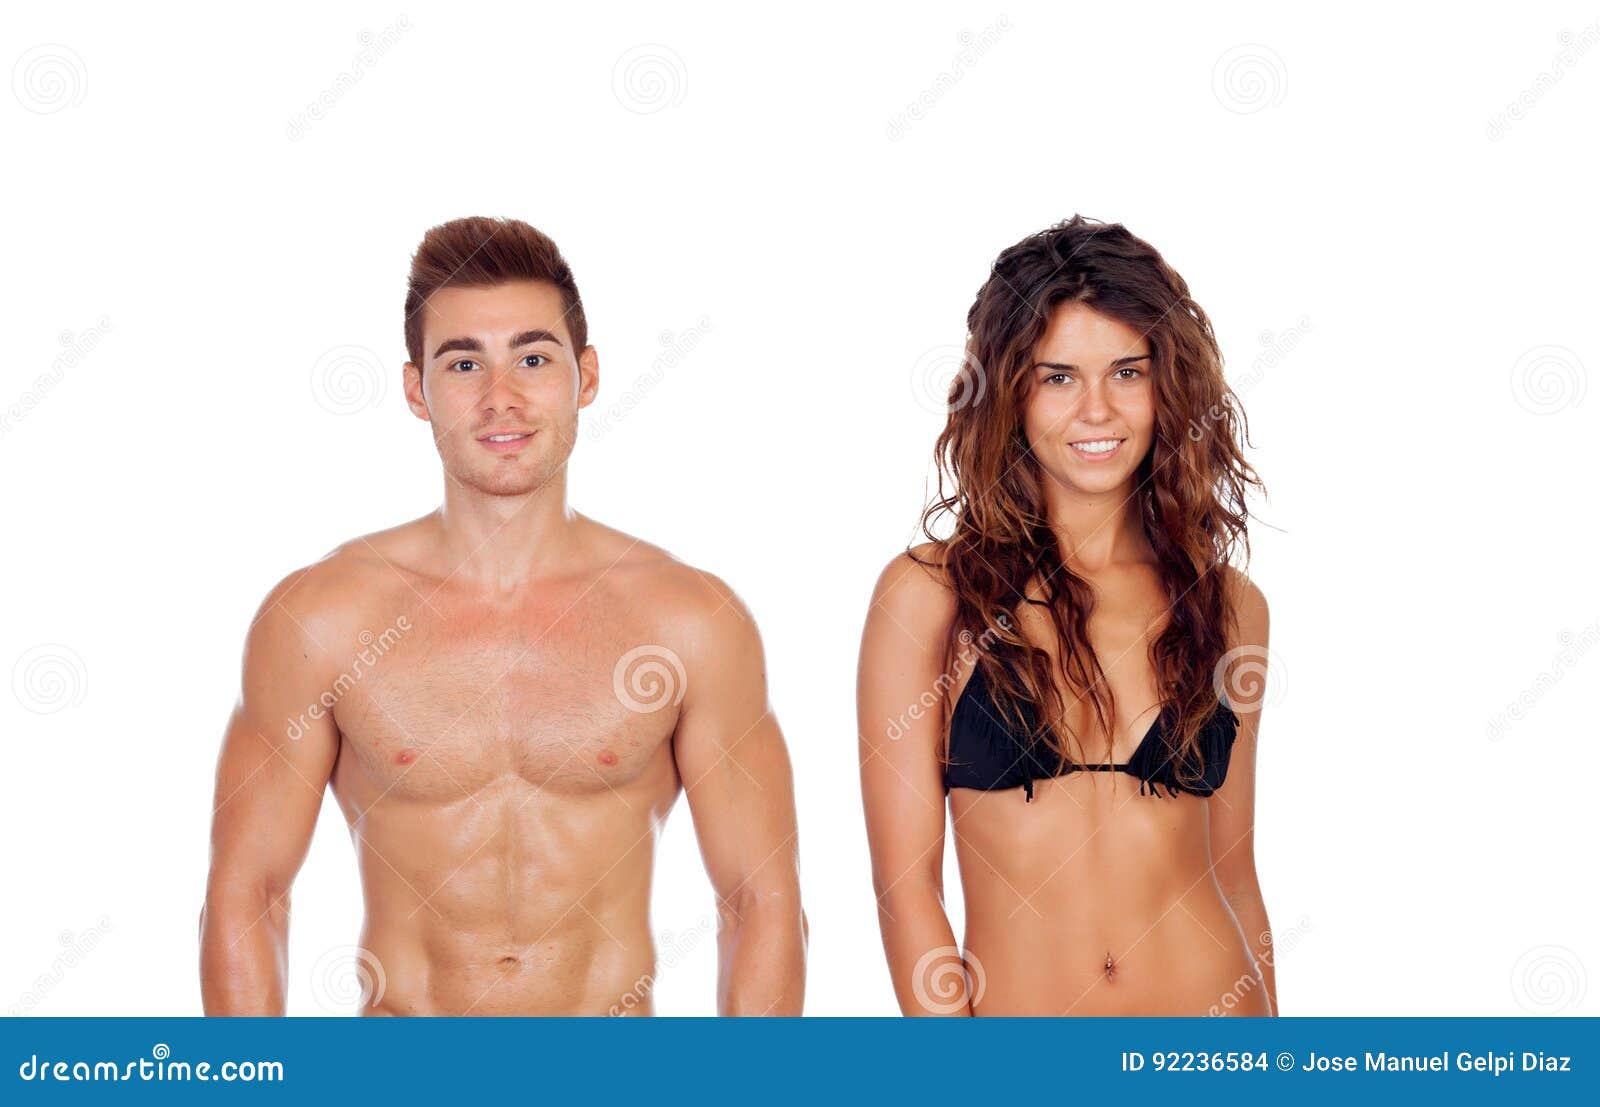 Молодые пары показывая их совершенные тела изолированные на белом ба